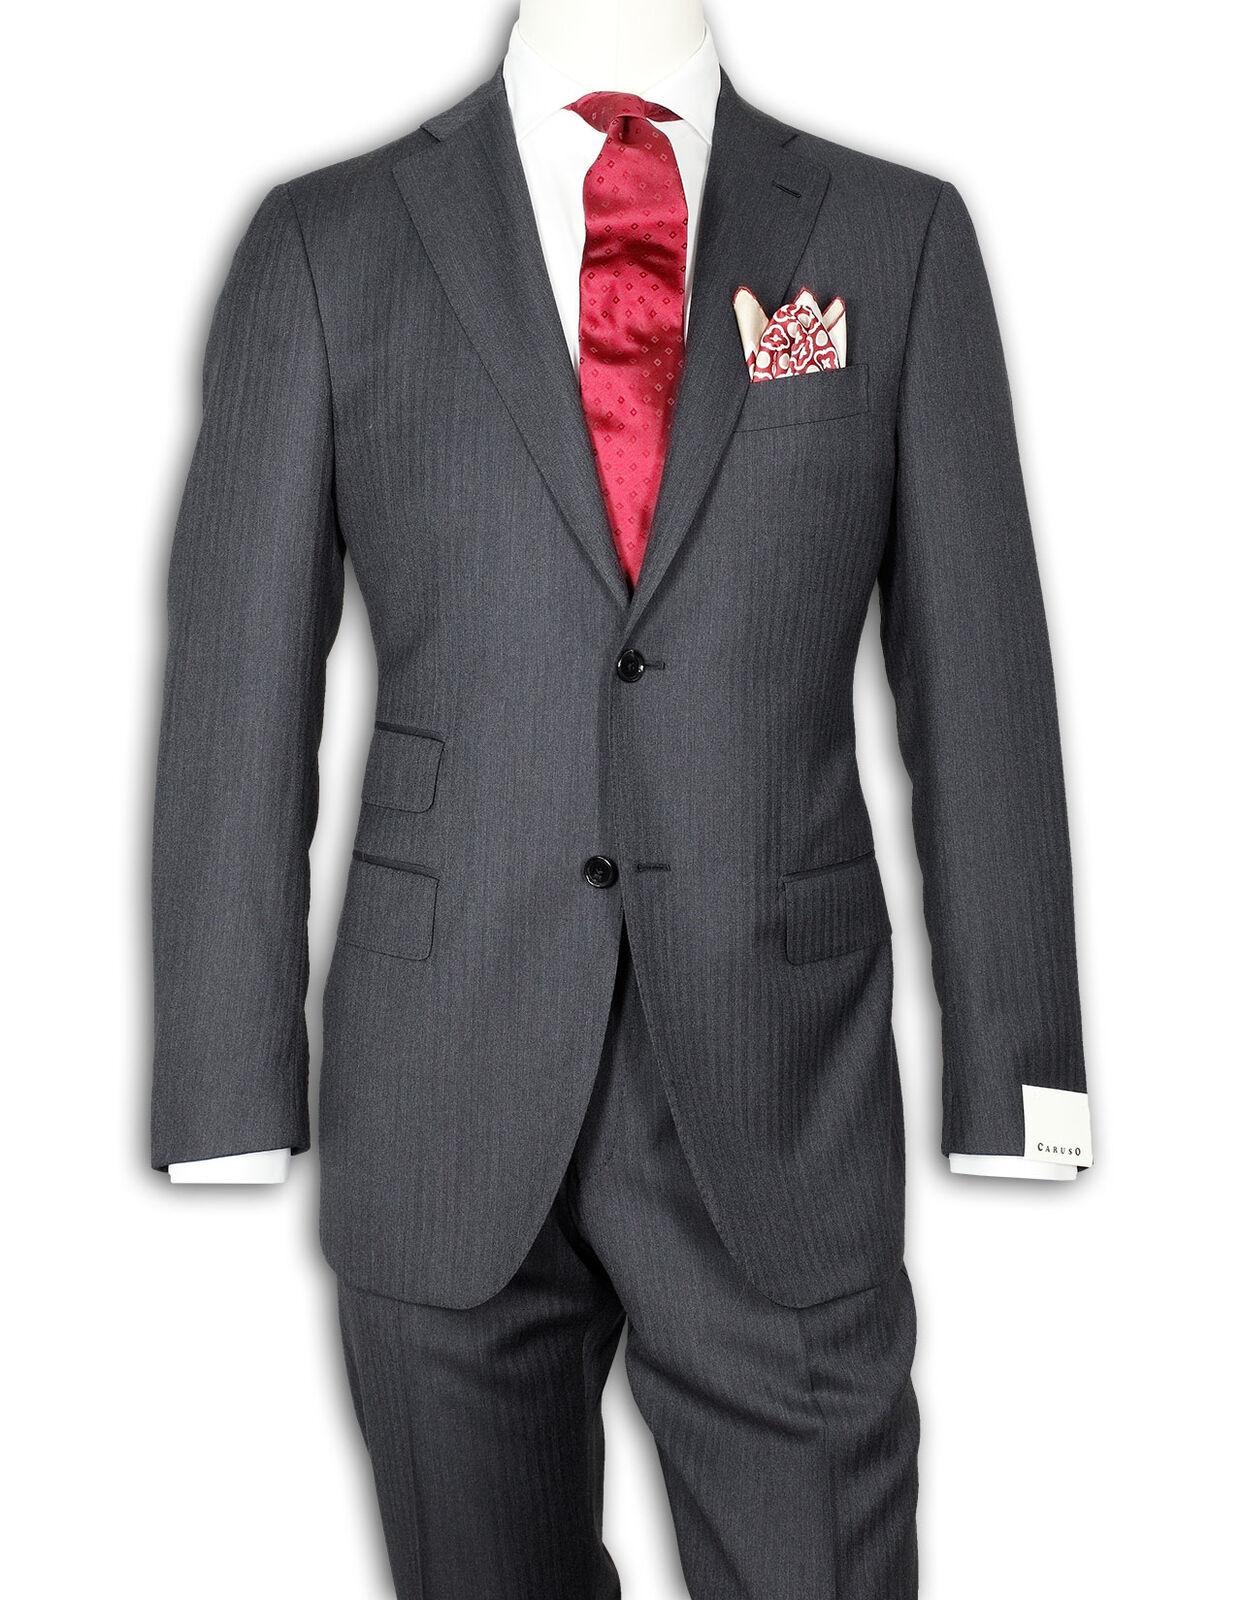 Caruso Anzug in grau fischgrat aus Super 130'S Wolle